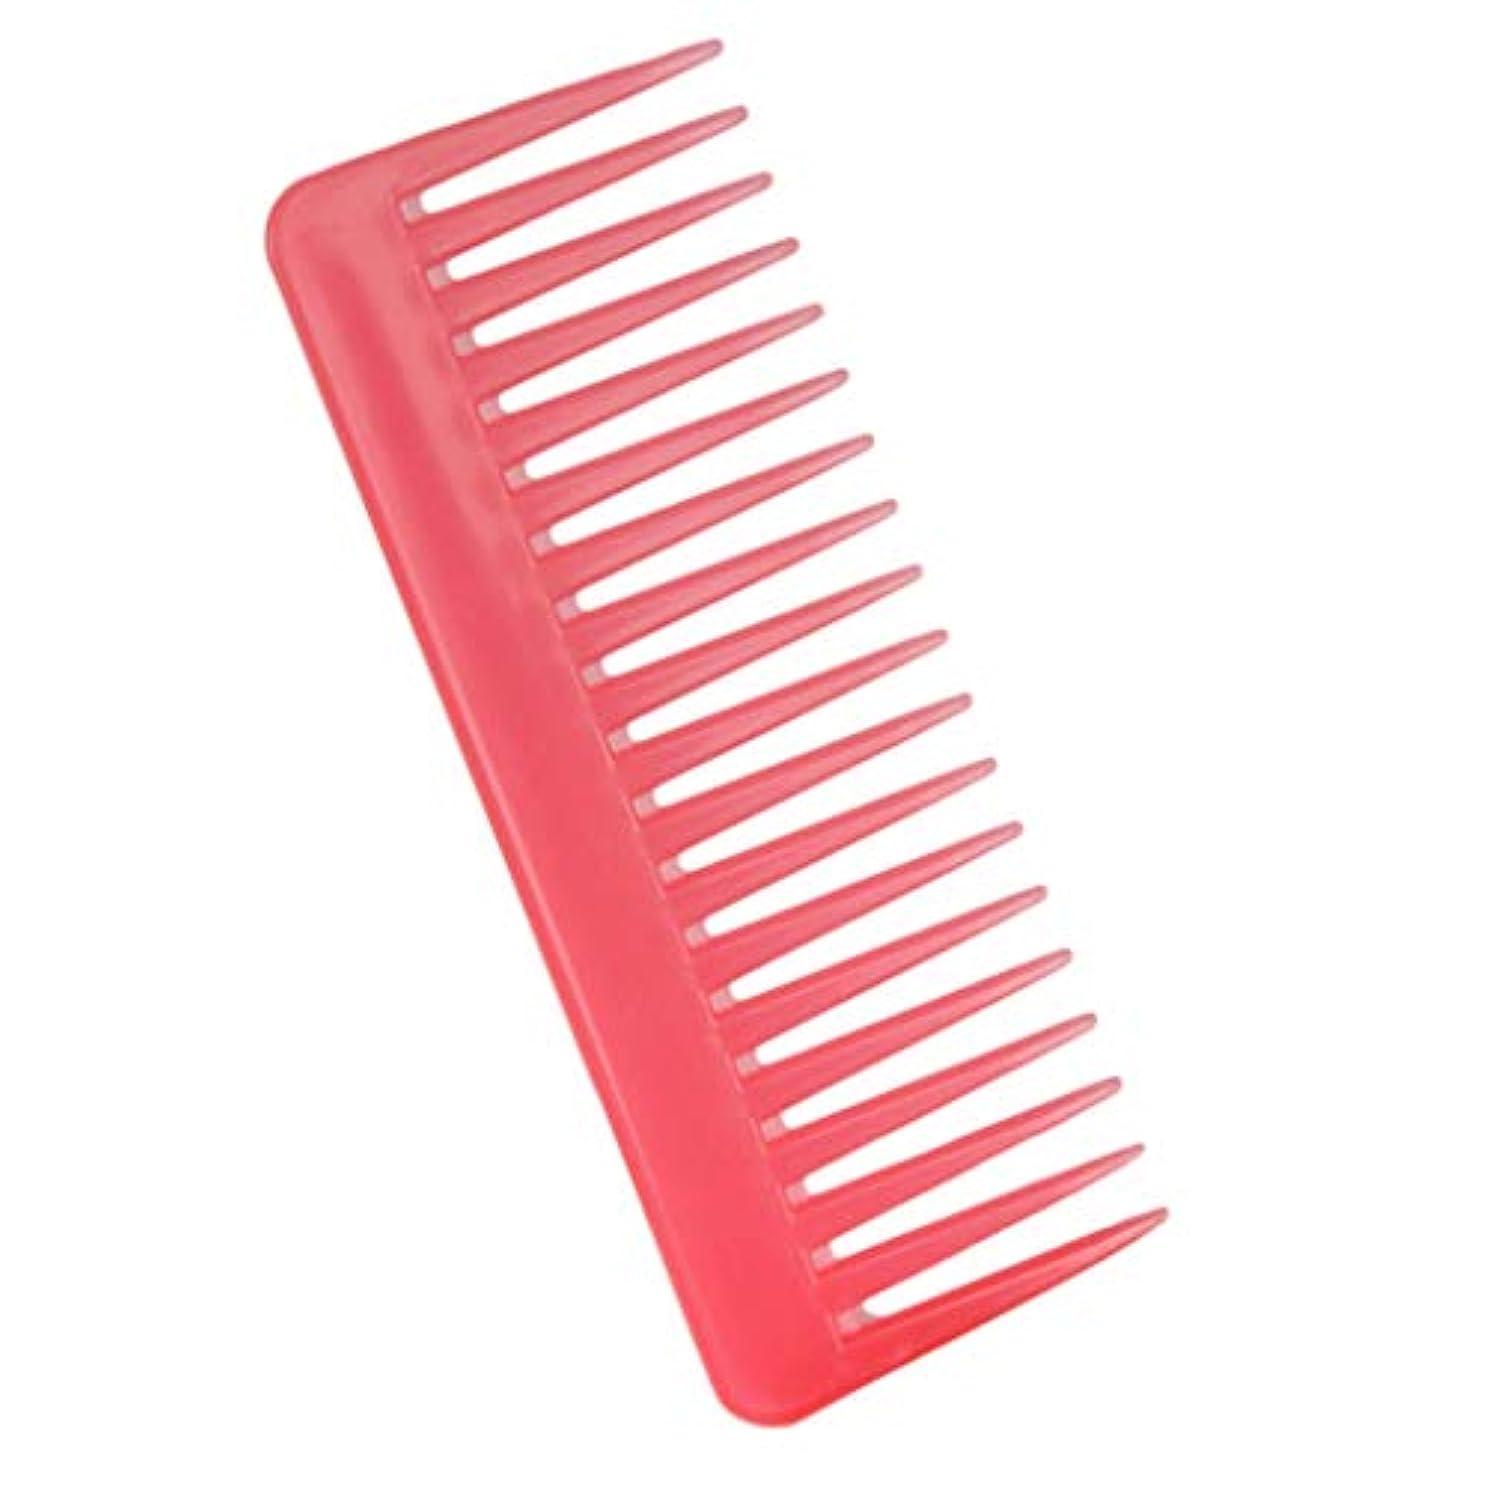 正当化するわなラフ睡眠帯電防止櫛 ヘアケア ヘアブラシ サロン用 自宅用 ヘアコーム 3色選べ - ピンク